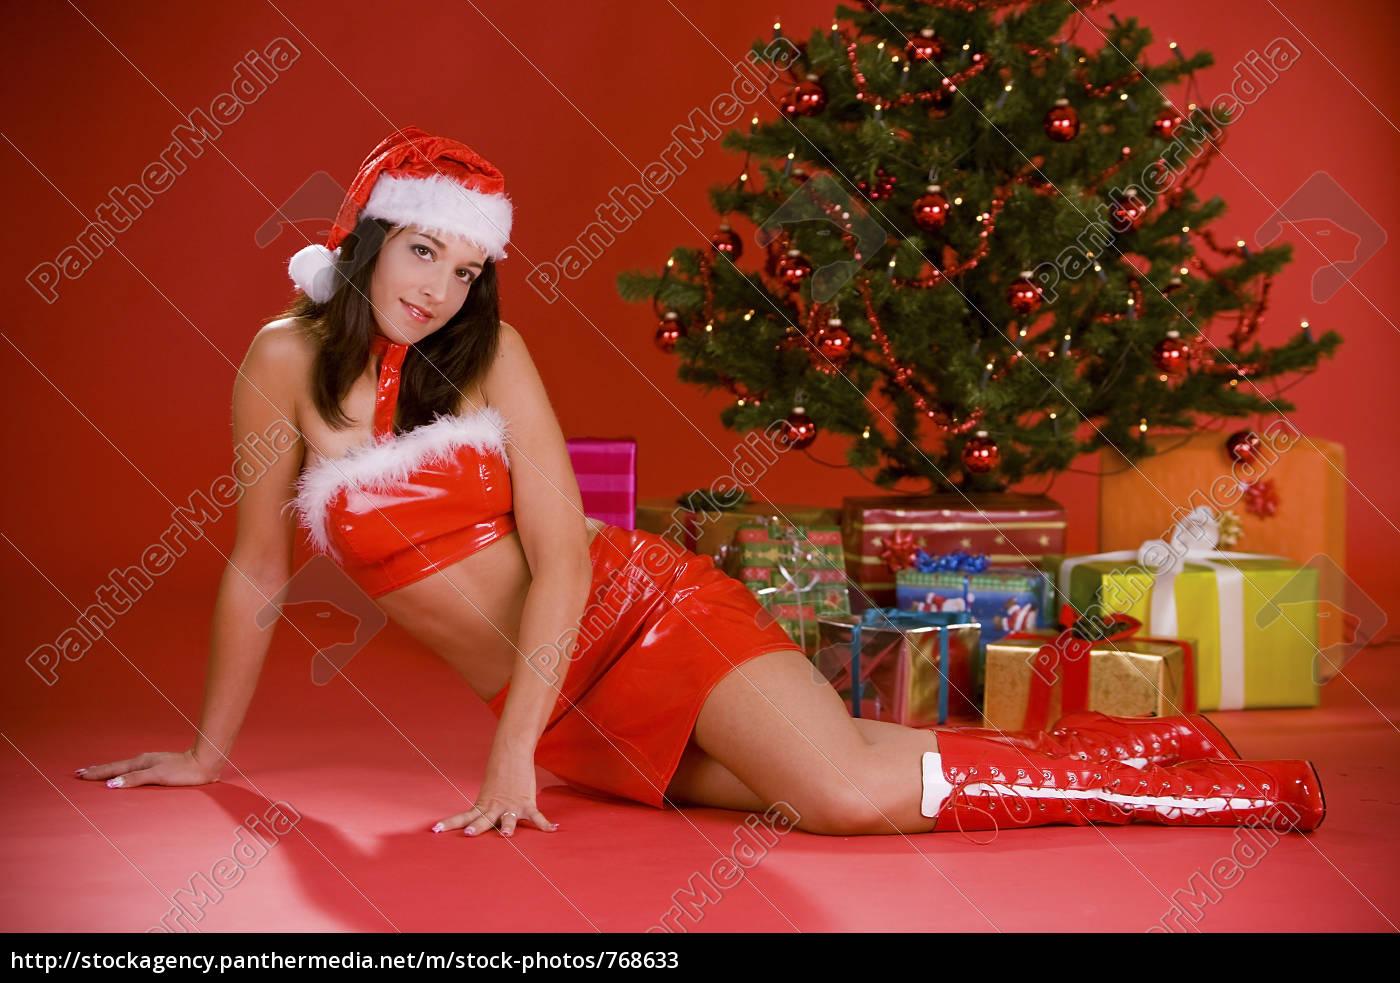 sexy weihnachtsfrau vor baum stockfoto 768633. Black Bedroom Furniture Sets. Home Design Ideas